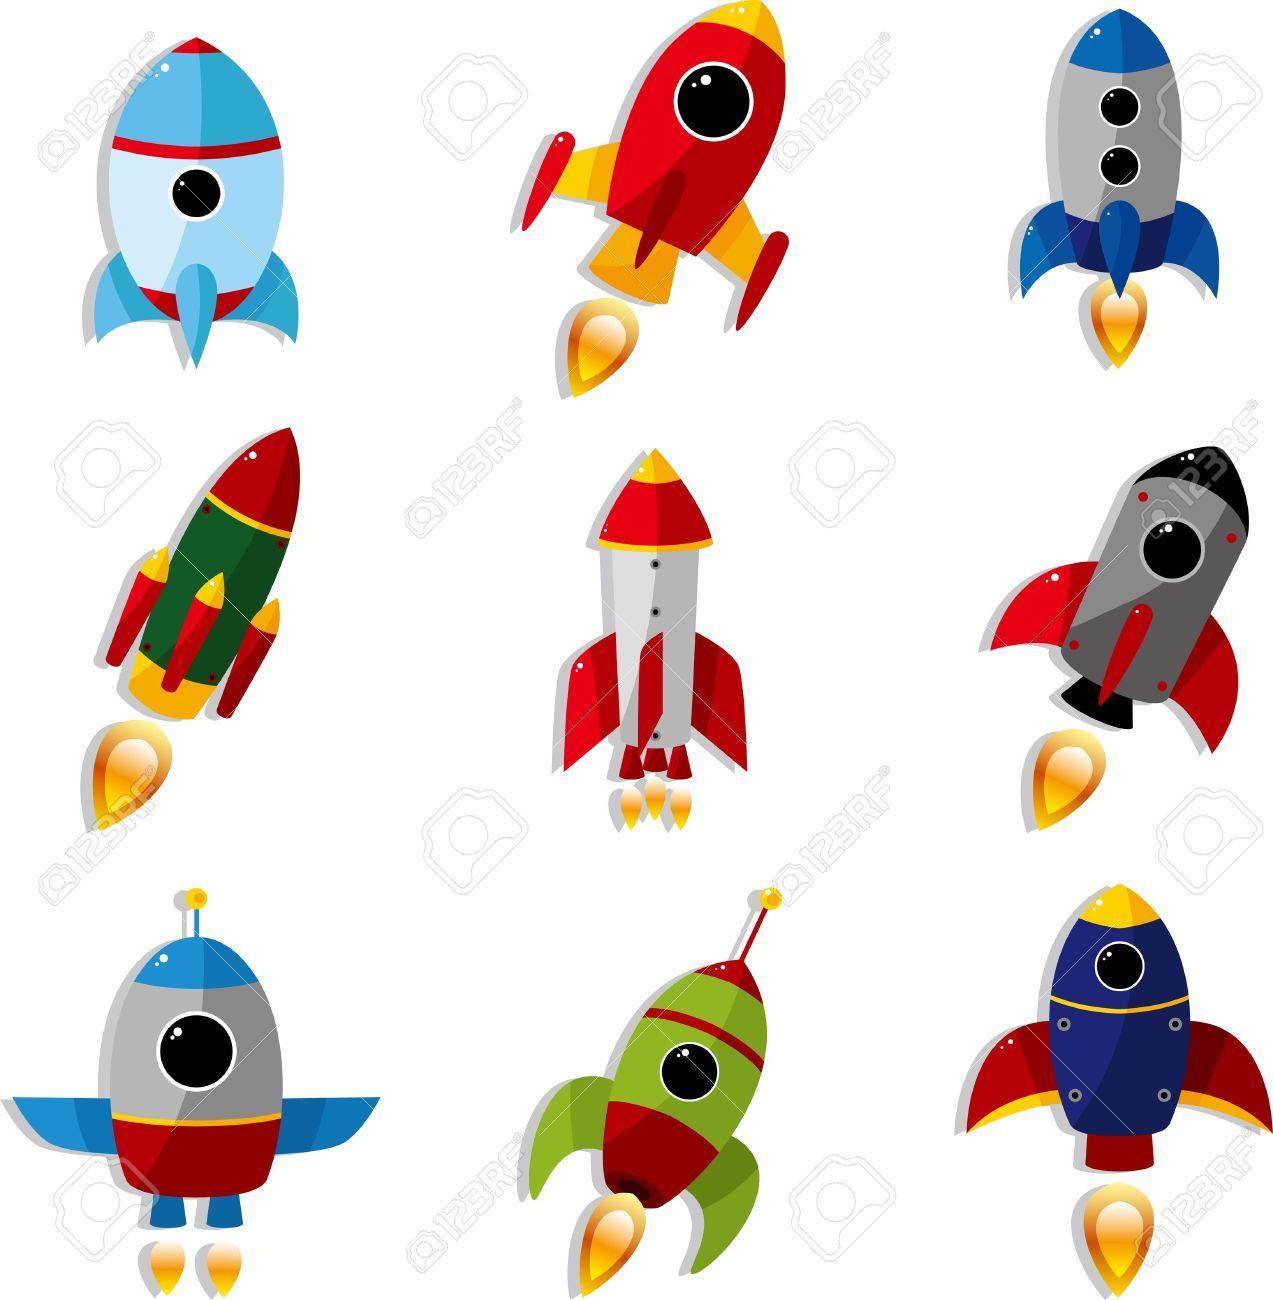 Cartoon google search logos. Spaceship clipart cool spaceship